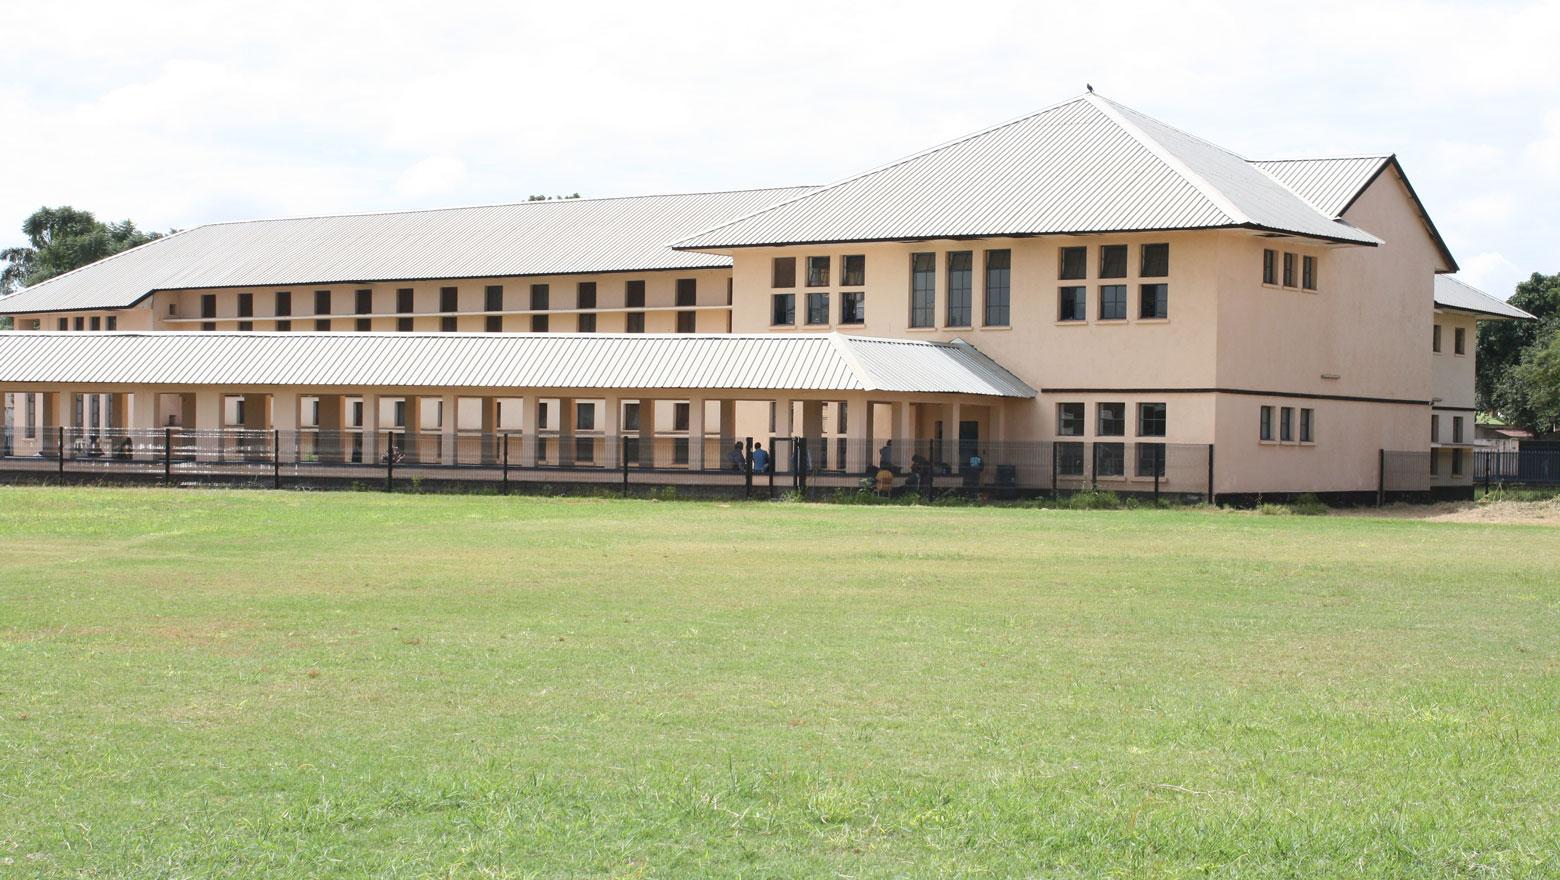 Batiments du Lycée Kiwele à Lubumbashi, RDC